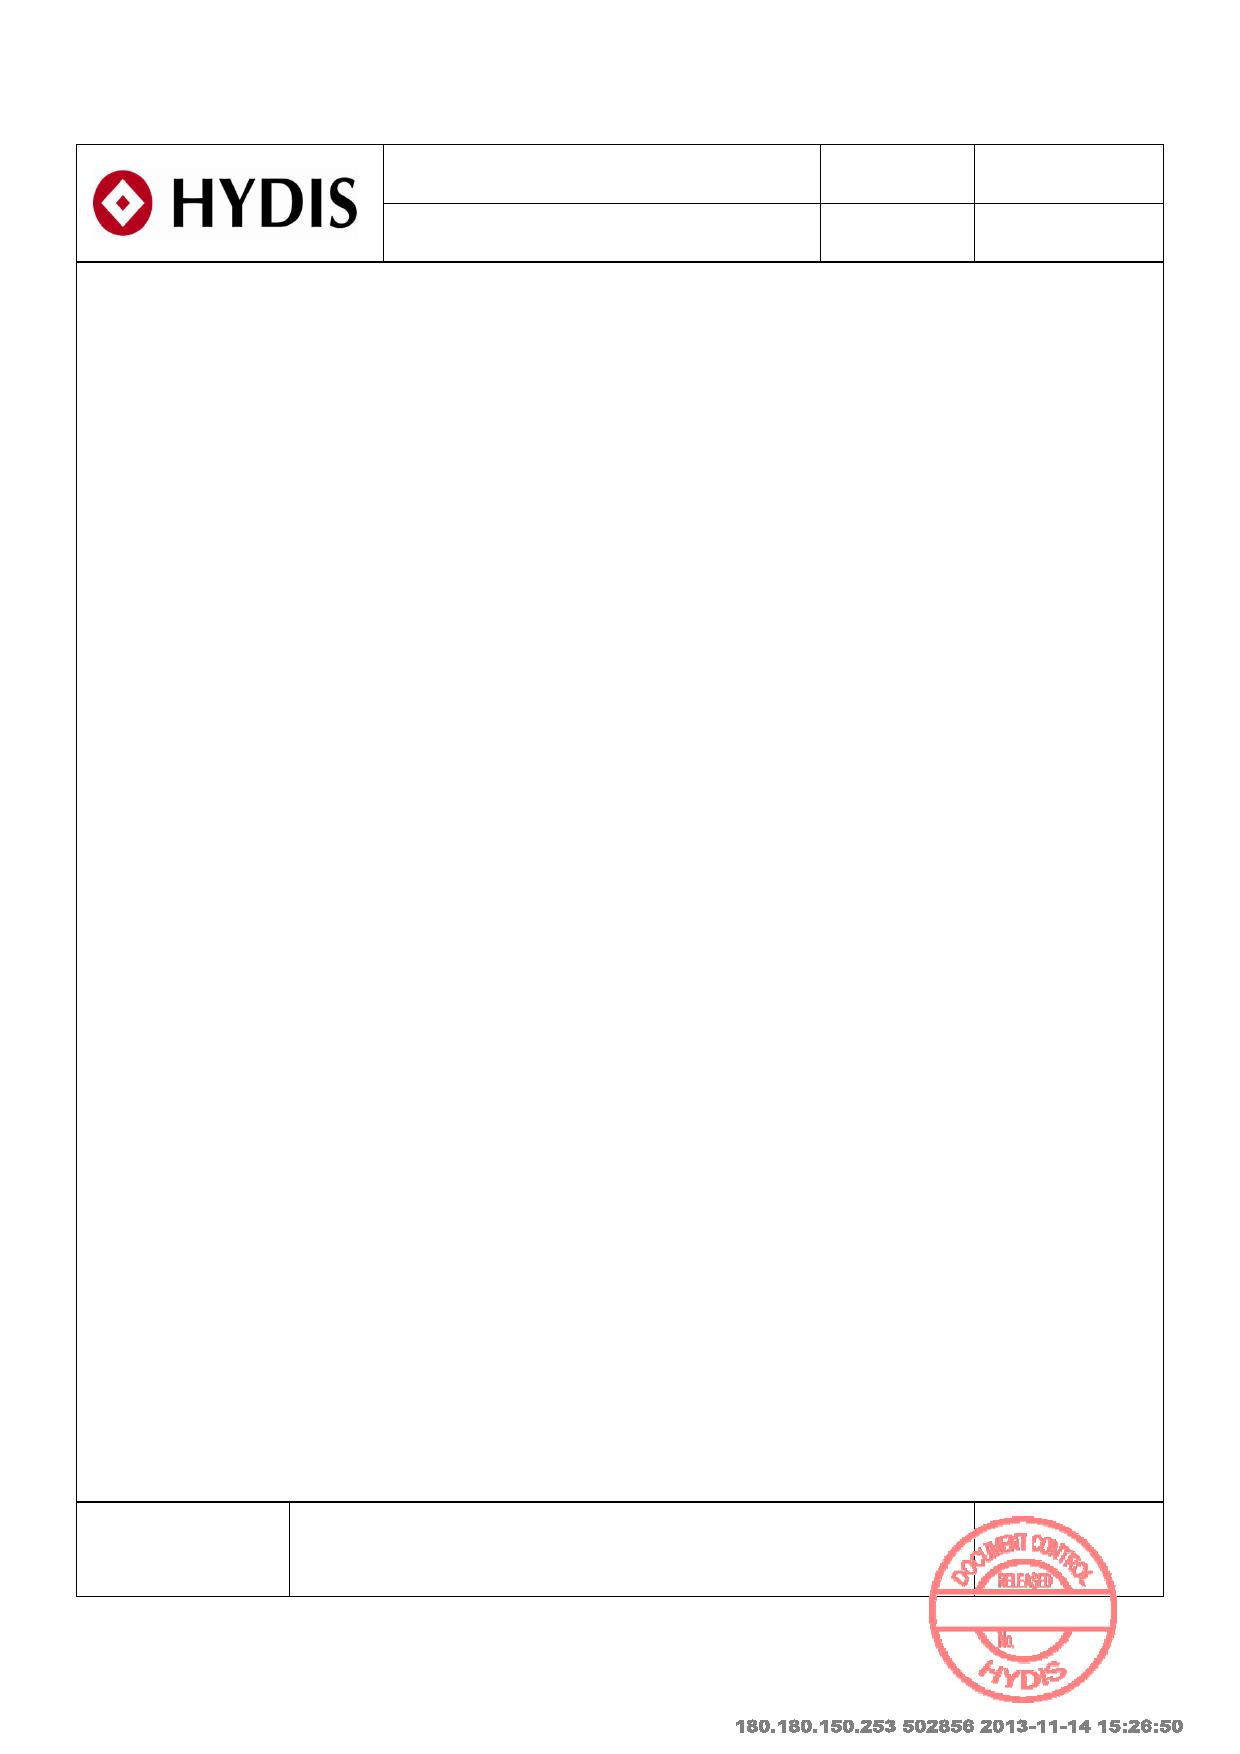 HV101WU1-1E6 pdf, datenblatt